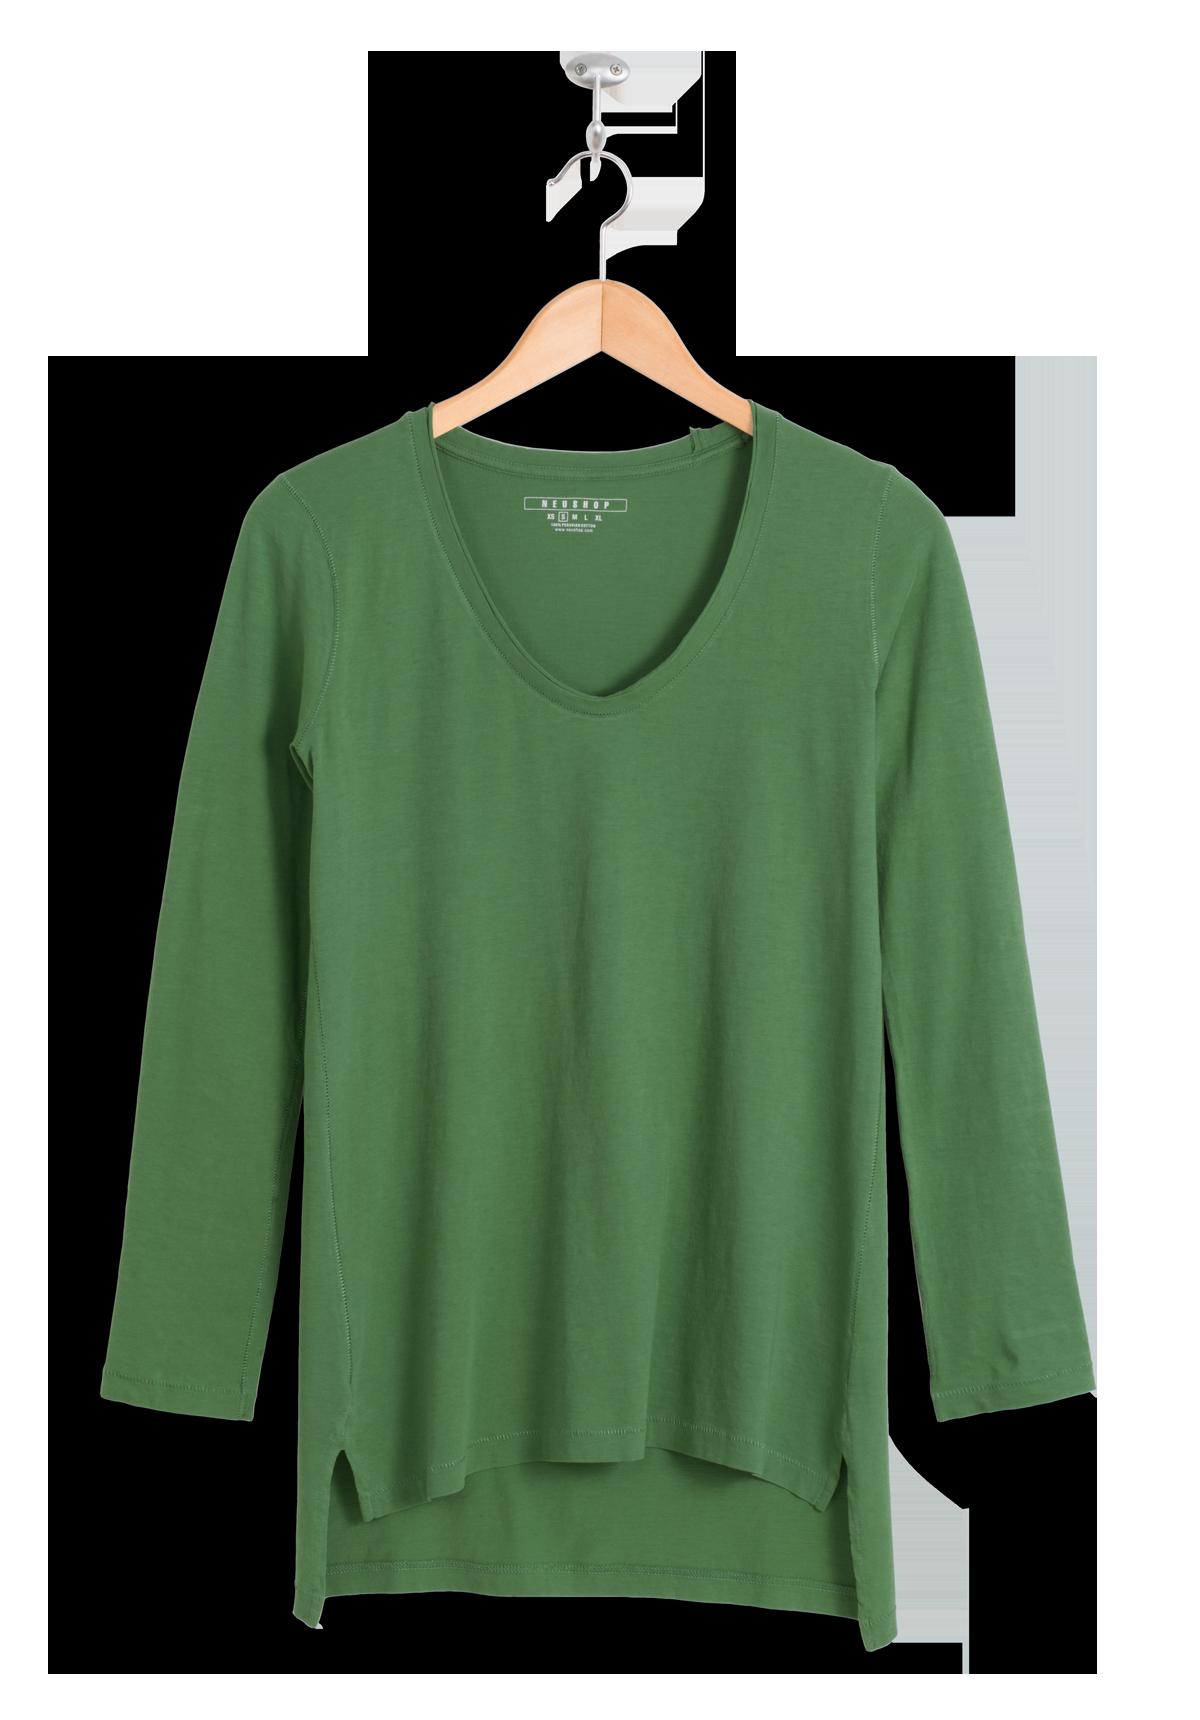 6b875b162a5b neushop-women-cotton-t-shirt-mellor-storm-comfrey